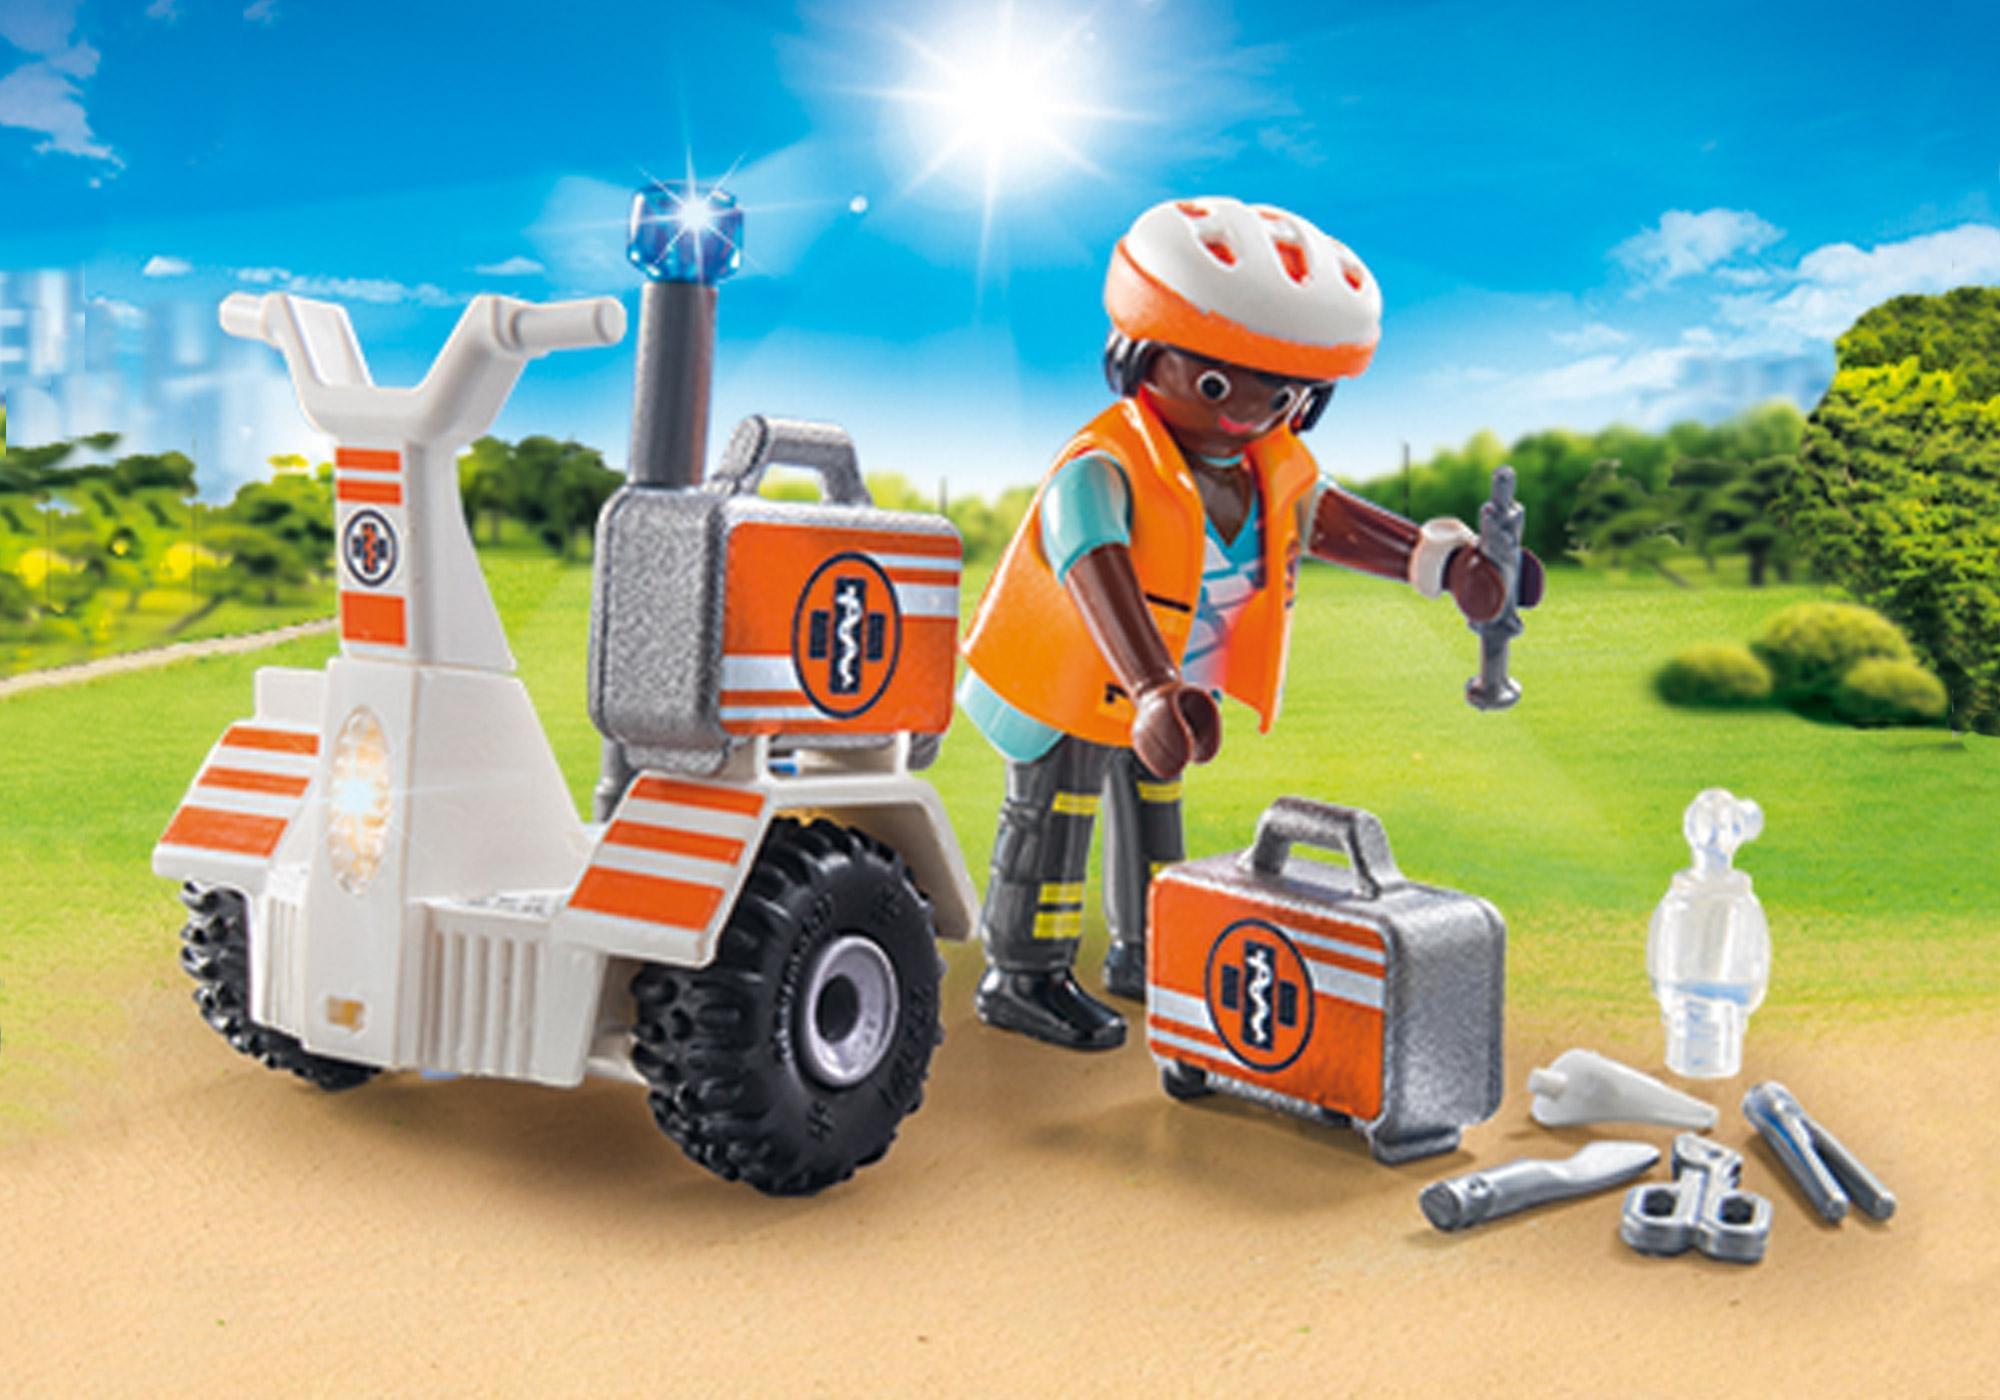 http://media.playmobil.com/i/playmobil/70052_product_extra1/Eerste hulp balans racer